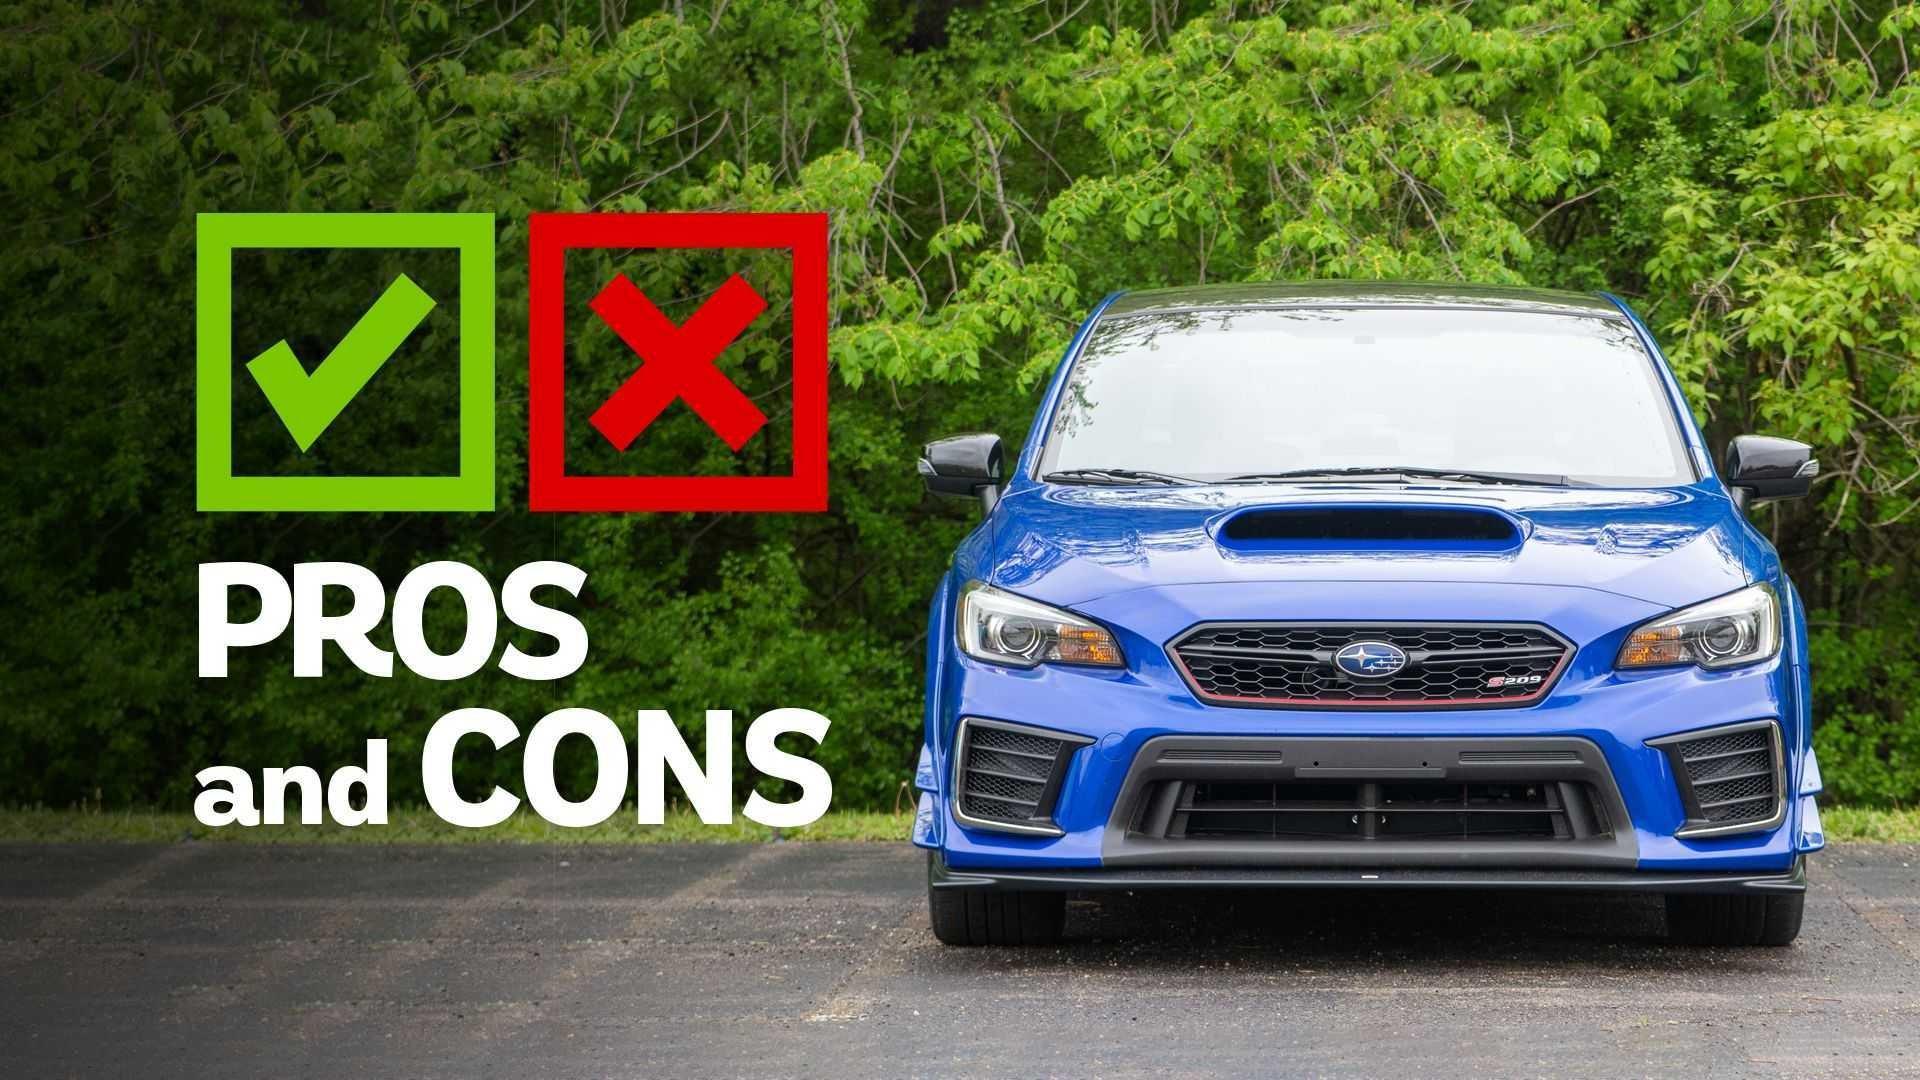 2019 Subaru STI S209: Pros And Cons